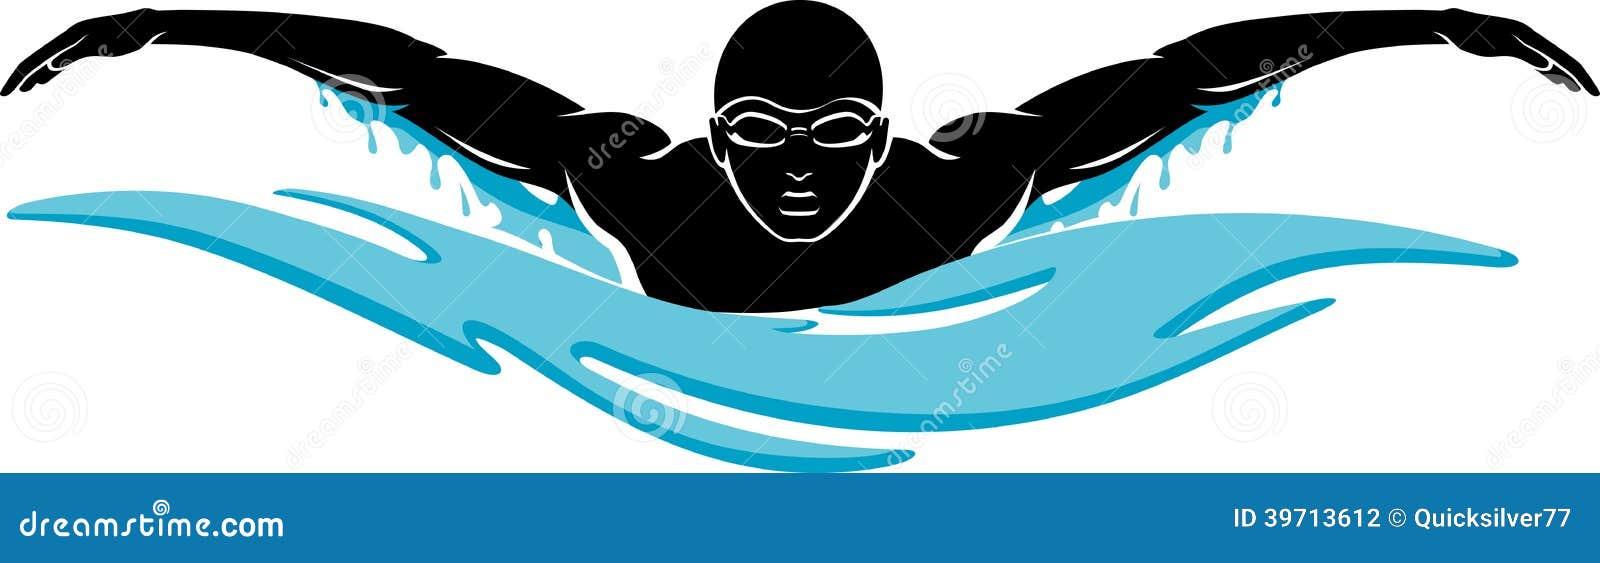 schmetterlings schwimmen vektor abbildung bild von schwimmen 39713612. Black Bedroom Furniture Sets. Home Design Ideas